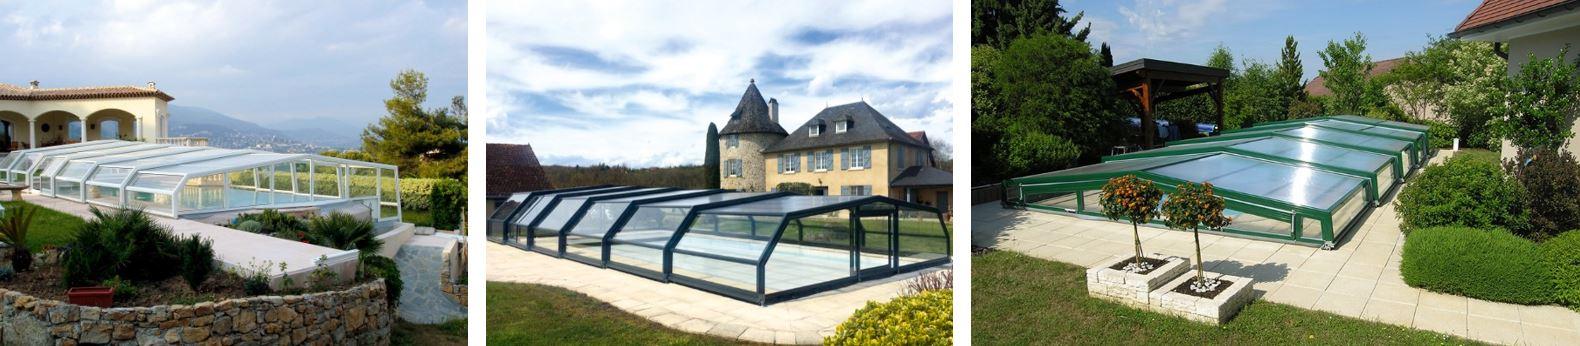 les abris de piscine v nus habiller sa piscine d un crin pour en profiter toute l ann e. Black Bedroom Furniture Sets. Home Design Ideas